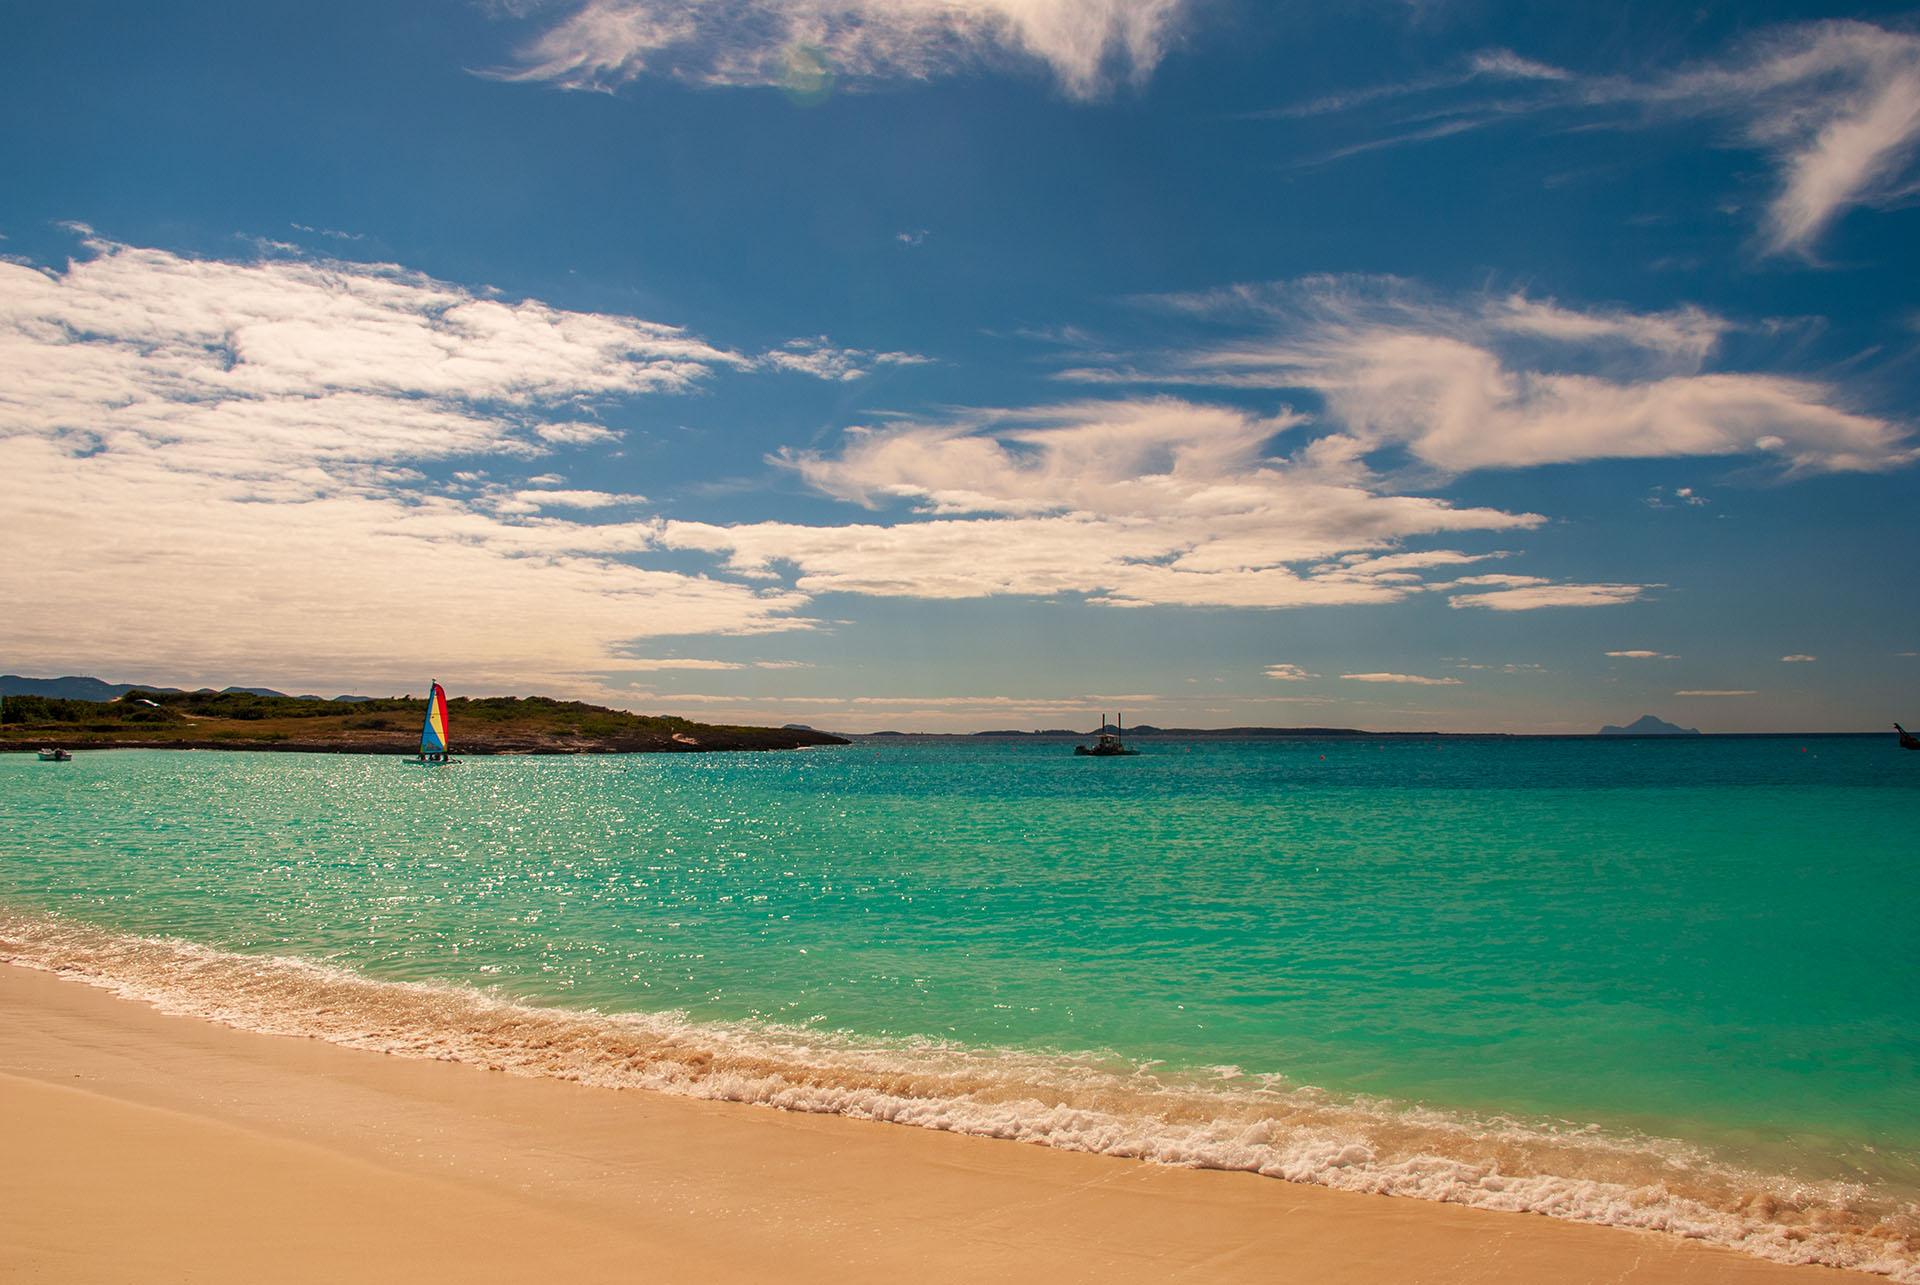 Maundays Bay puede no ser tan grande pero lo compensa con sus costas de arena blanca y aguas cristalinas y azules. A pesar de ser un verdadero paraíso, los que más disfrutan de este lugar son los habitantes, ya que no suelen recibir muchas visitas